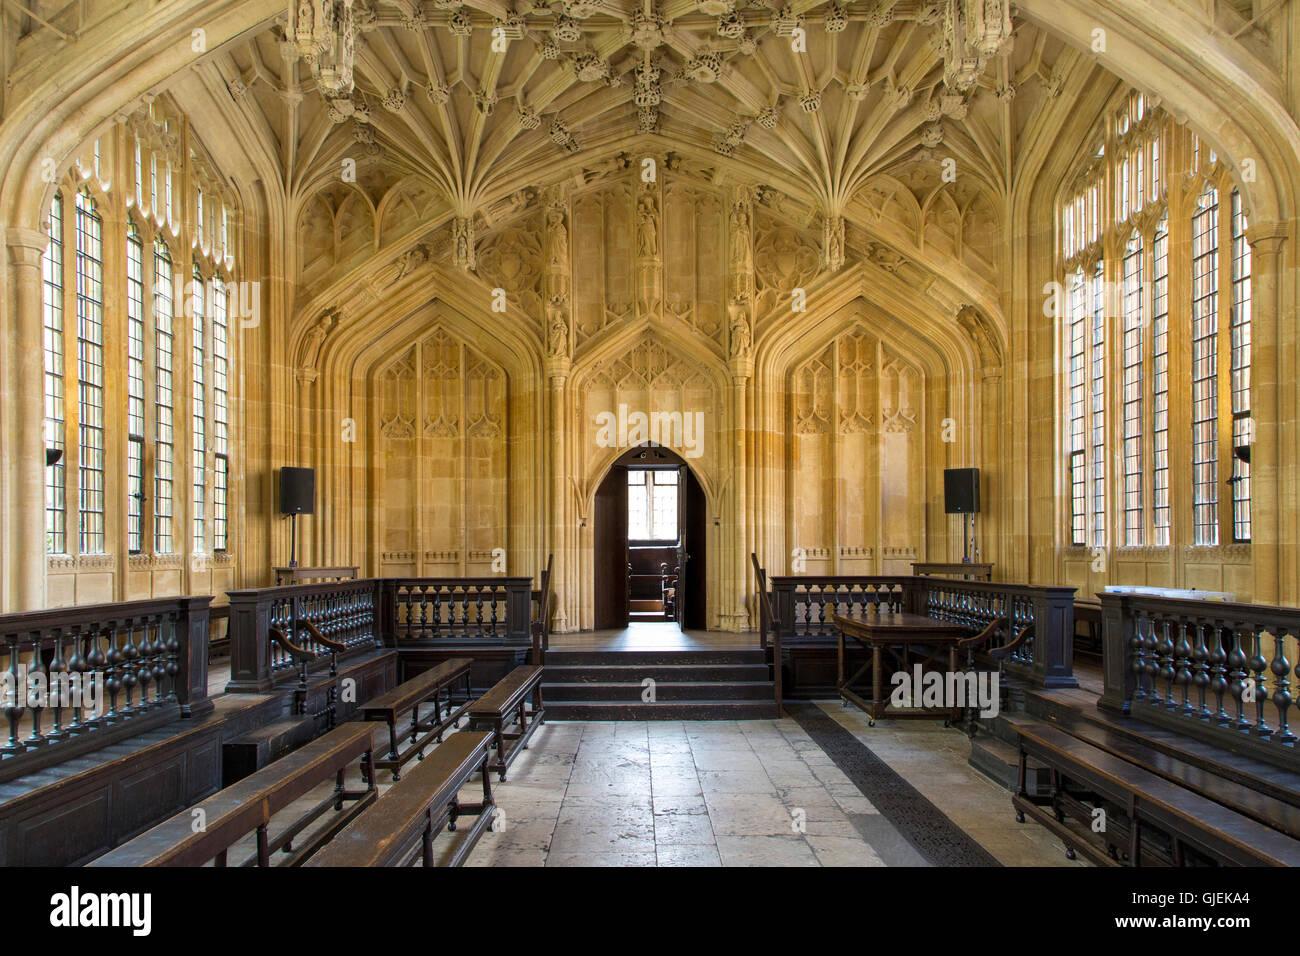 Interior de la Divinity School - construido 1488, parte de la actual Biblioteca Bodleian, de Oxford, Oxford, Inglaterra Imagen De Stock